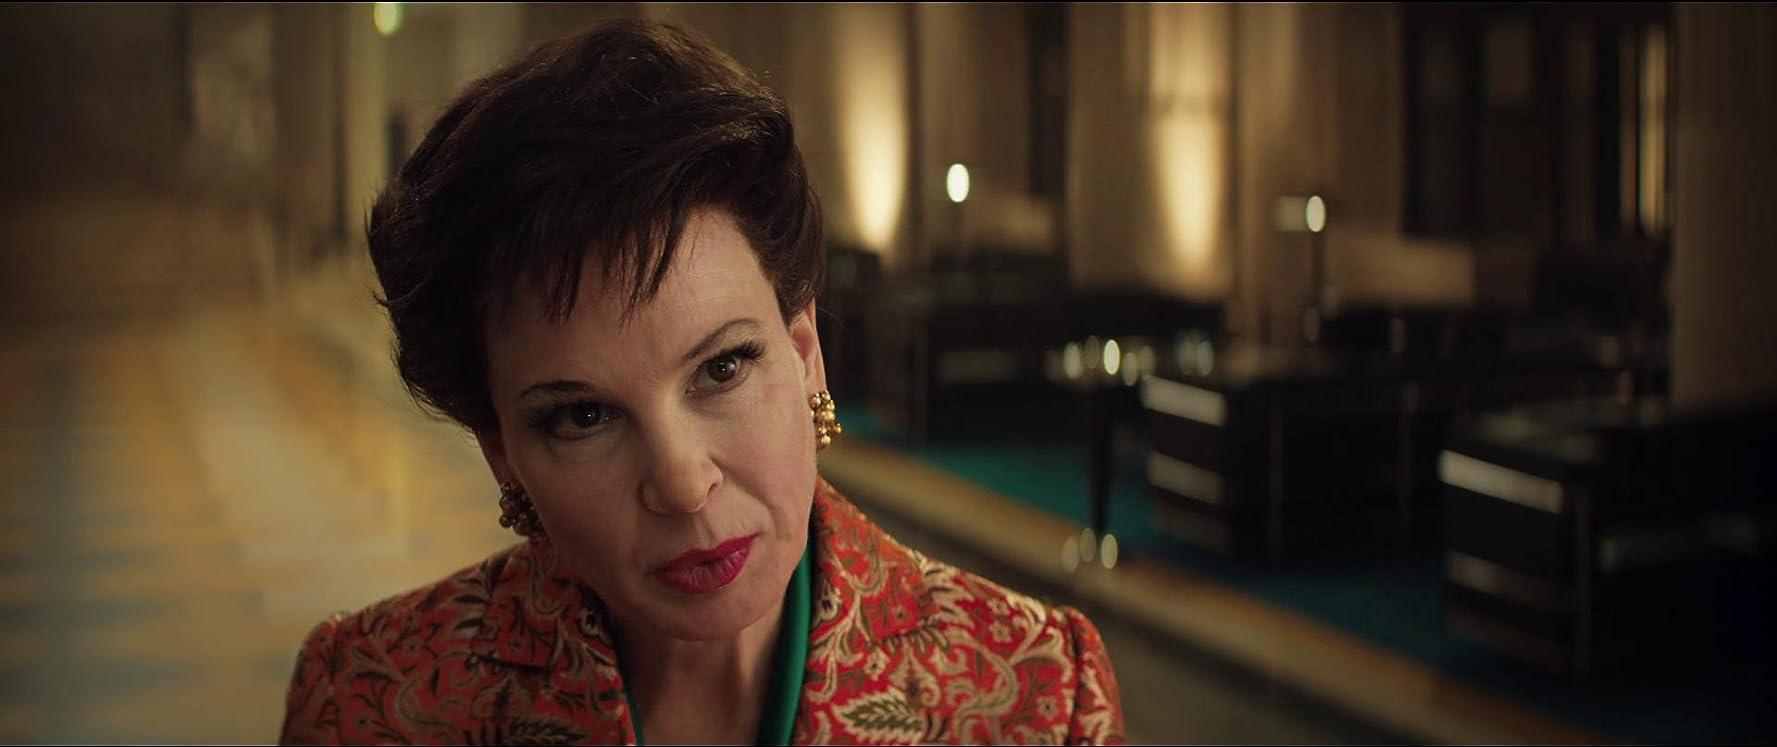 Renée Zellweger in Judy (2019)